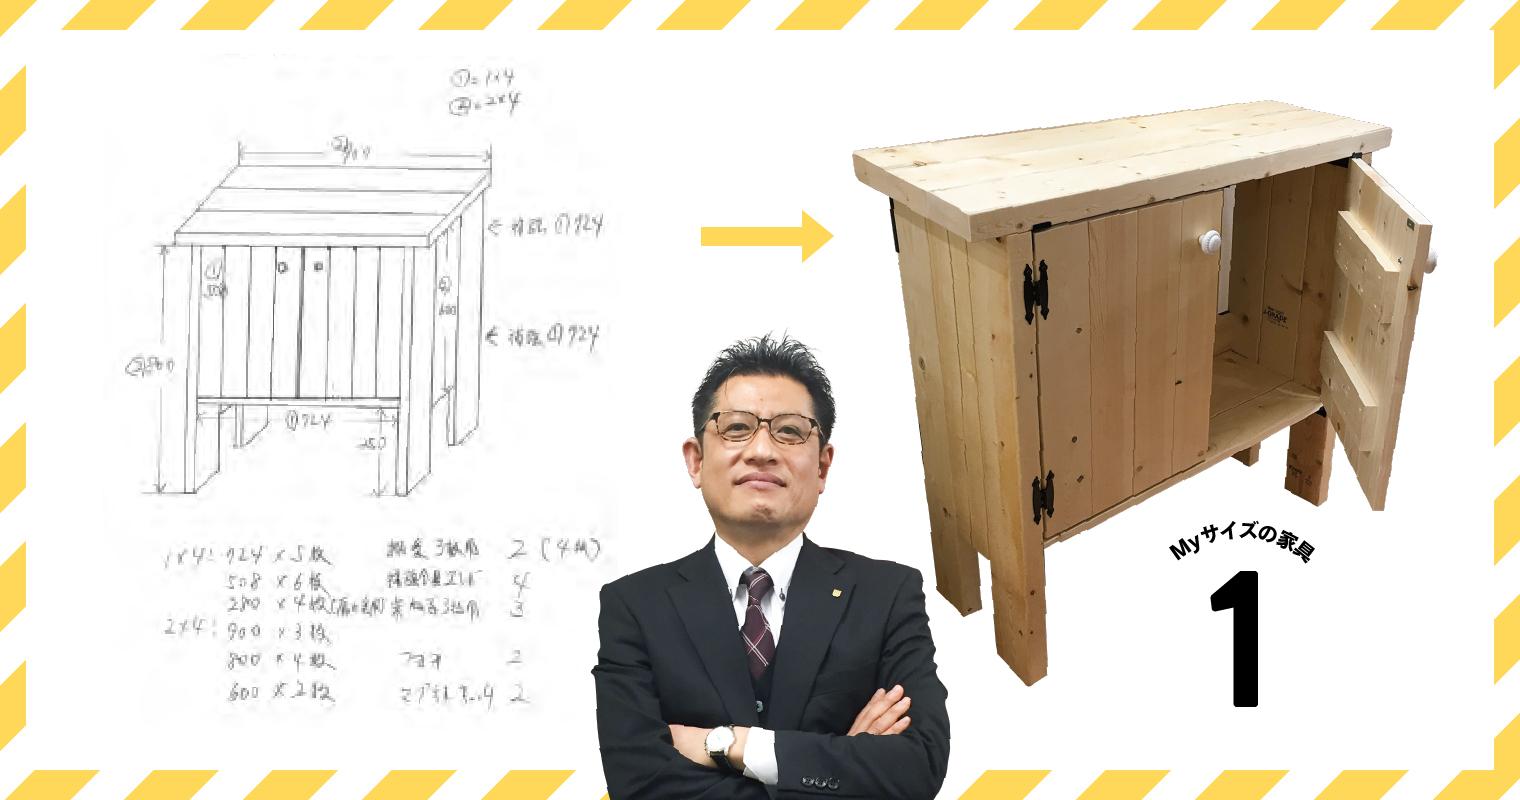 河西さんと小型家具、設計書